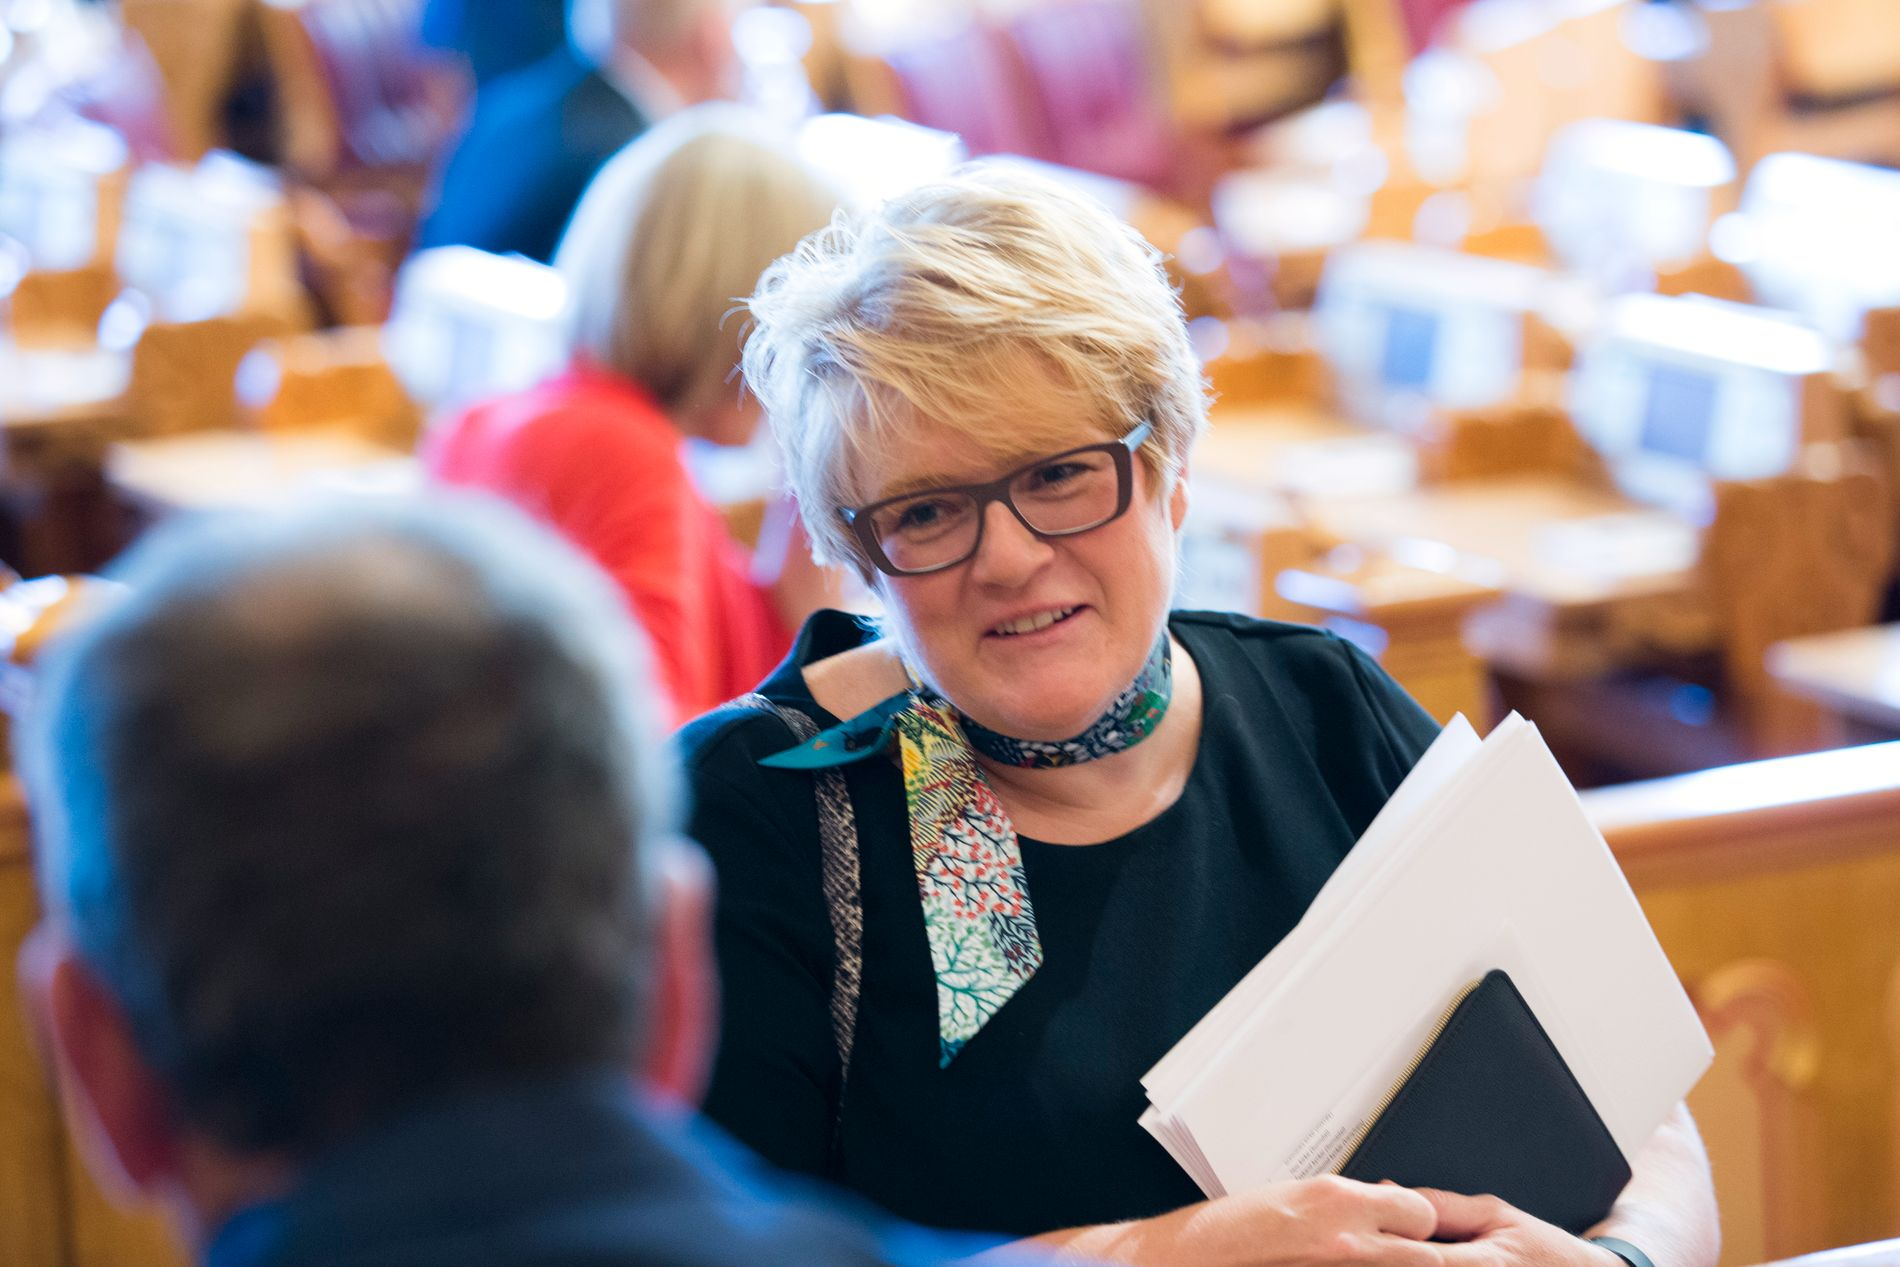 KRITISK: Ifølge Meyer var Venstre-lederen meget kritisk til innvandringsregnskapet.